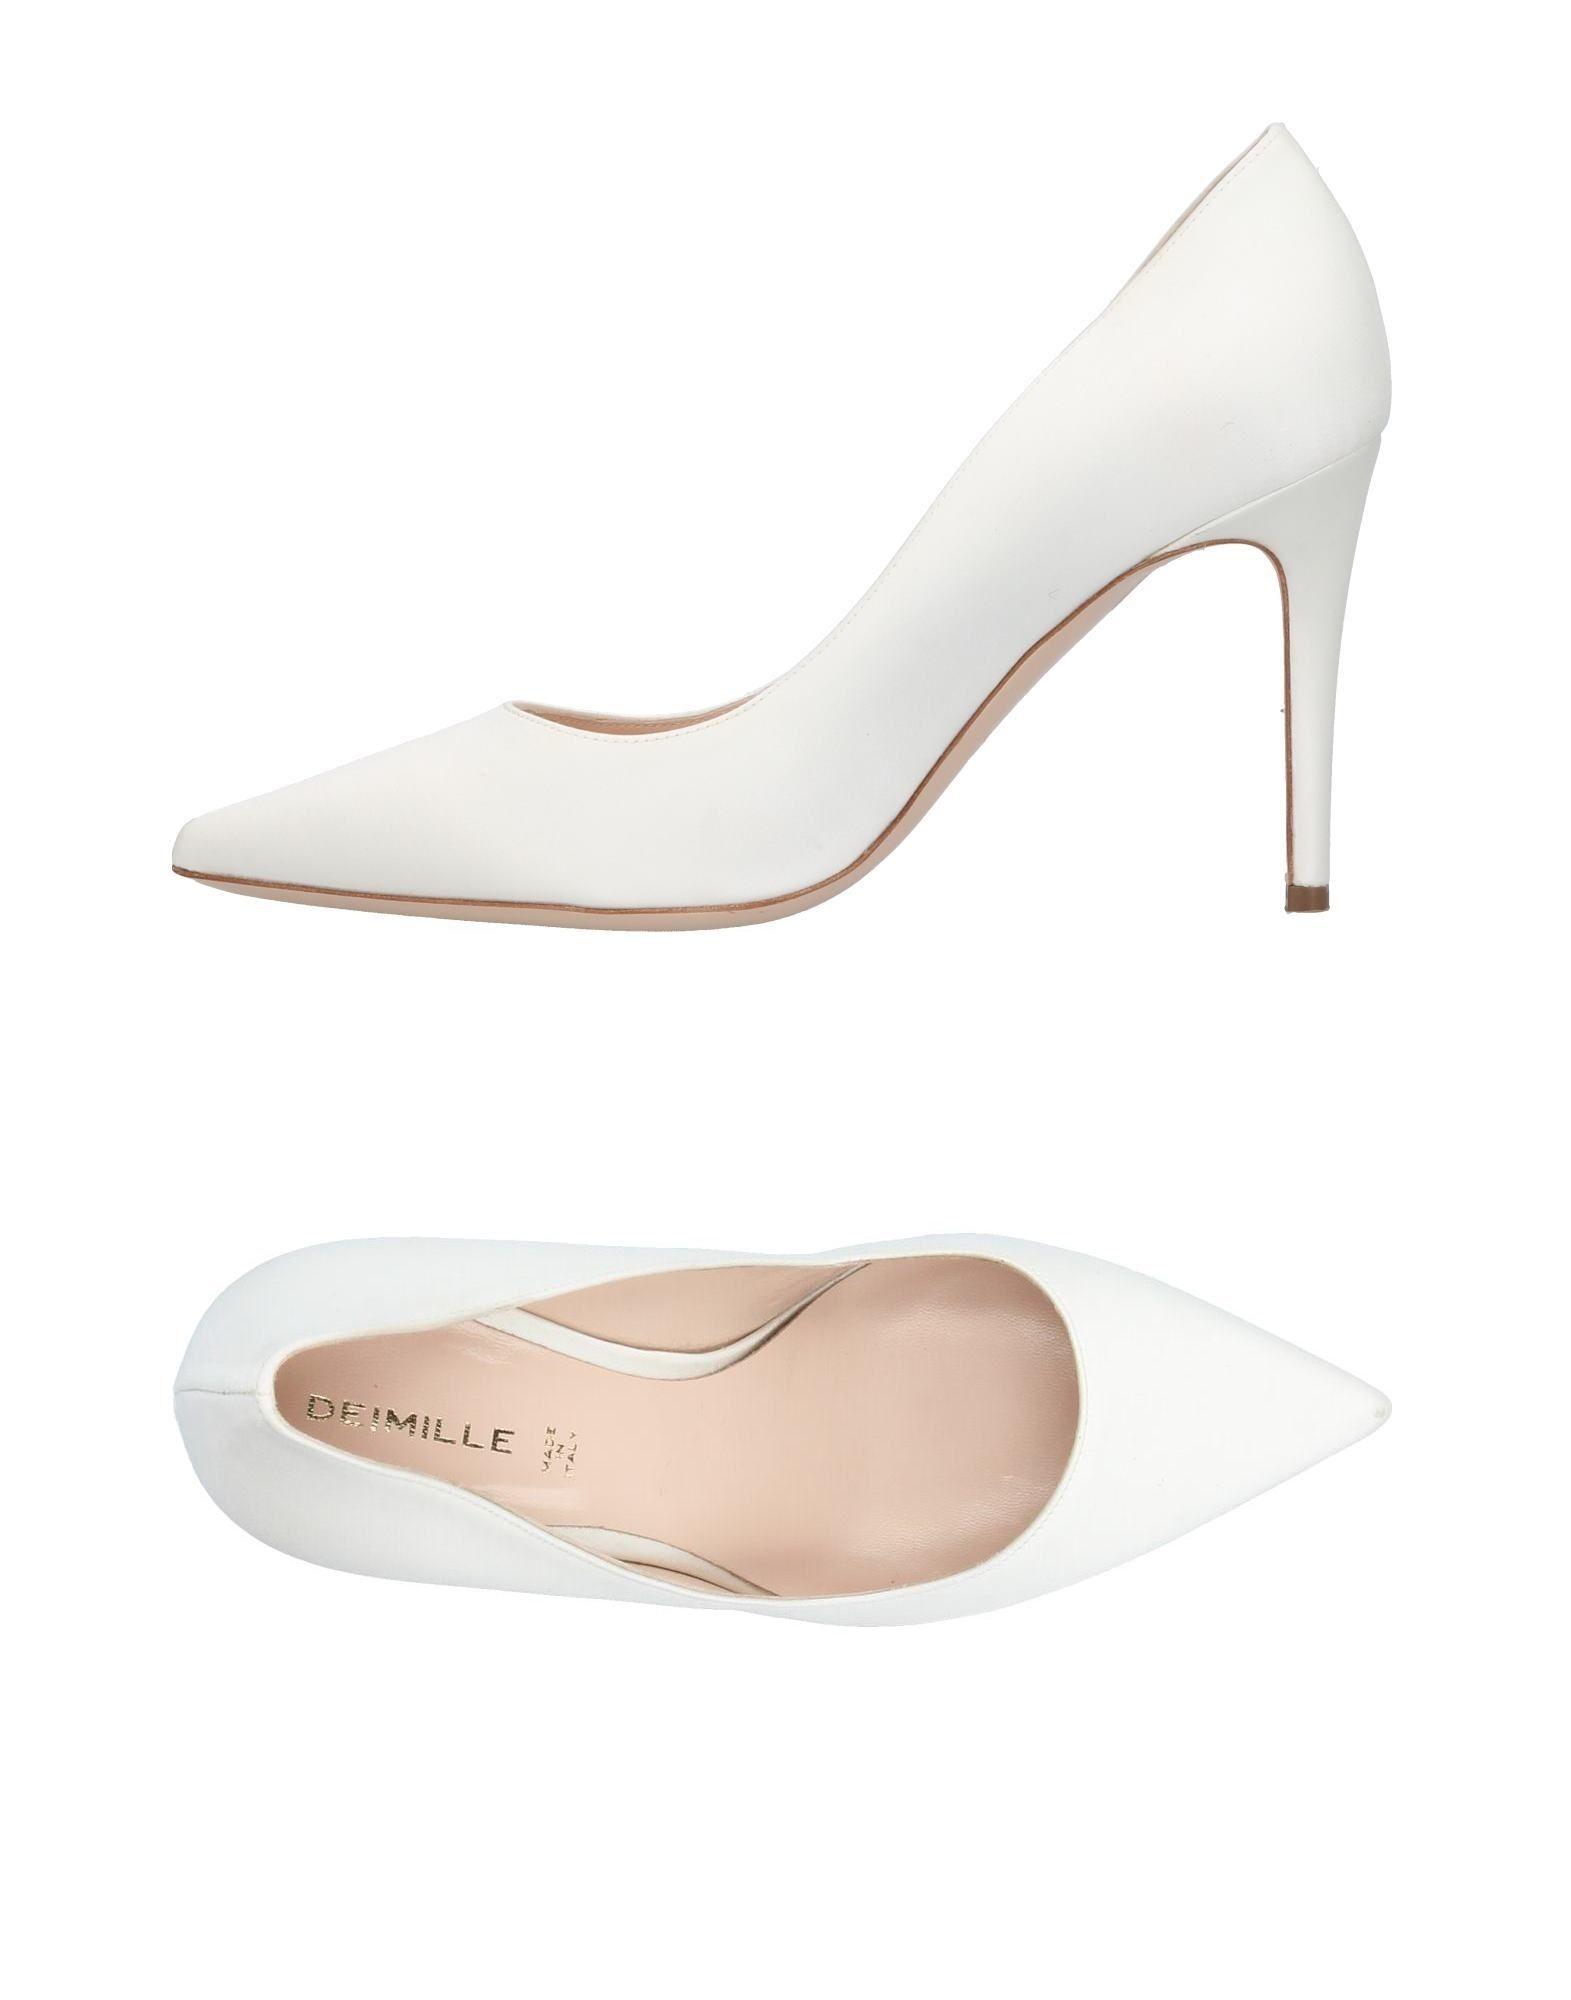 official photos 7047b 7c31f DEIMILLE . #deimille #shoes # | Deimille | Pumps, White ...